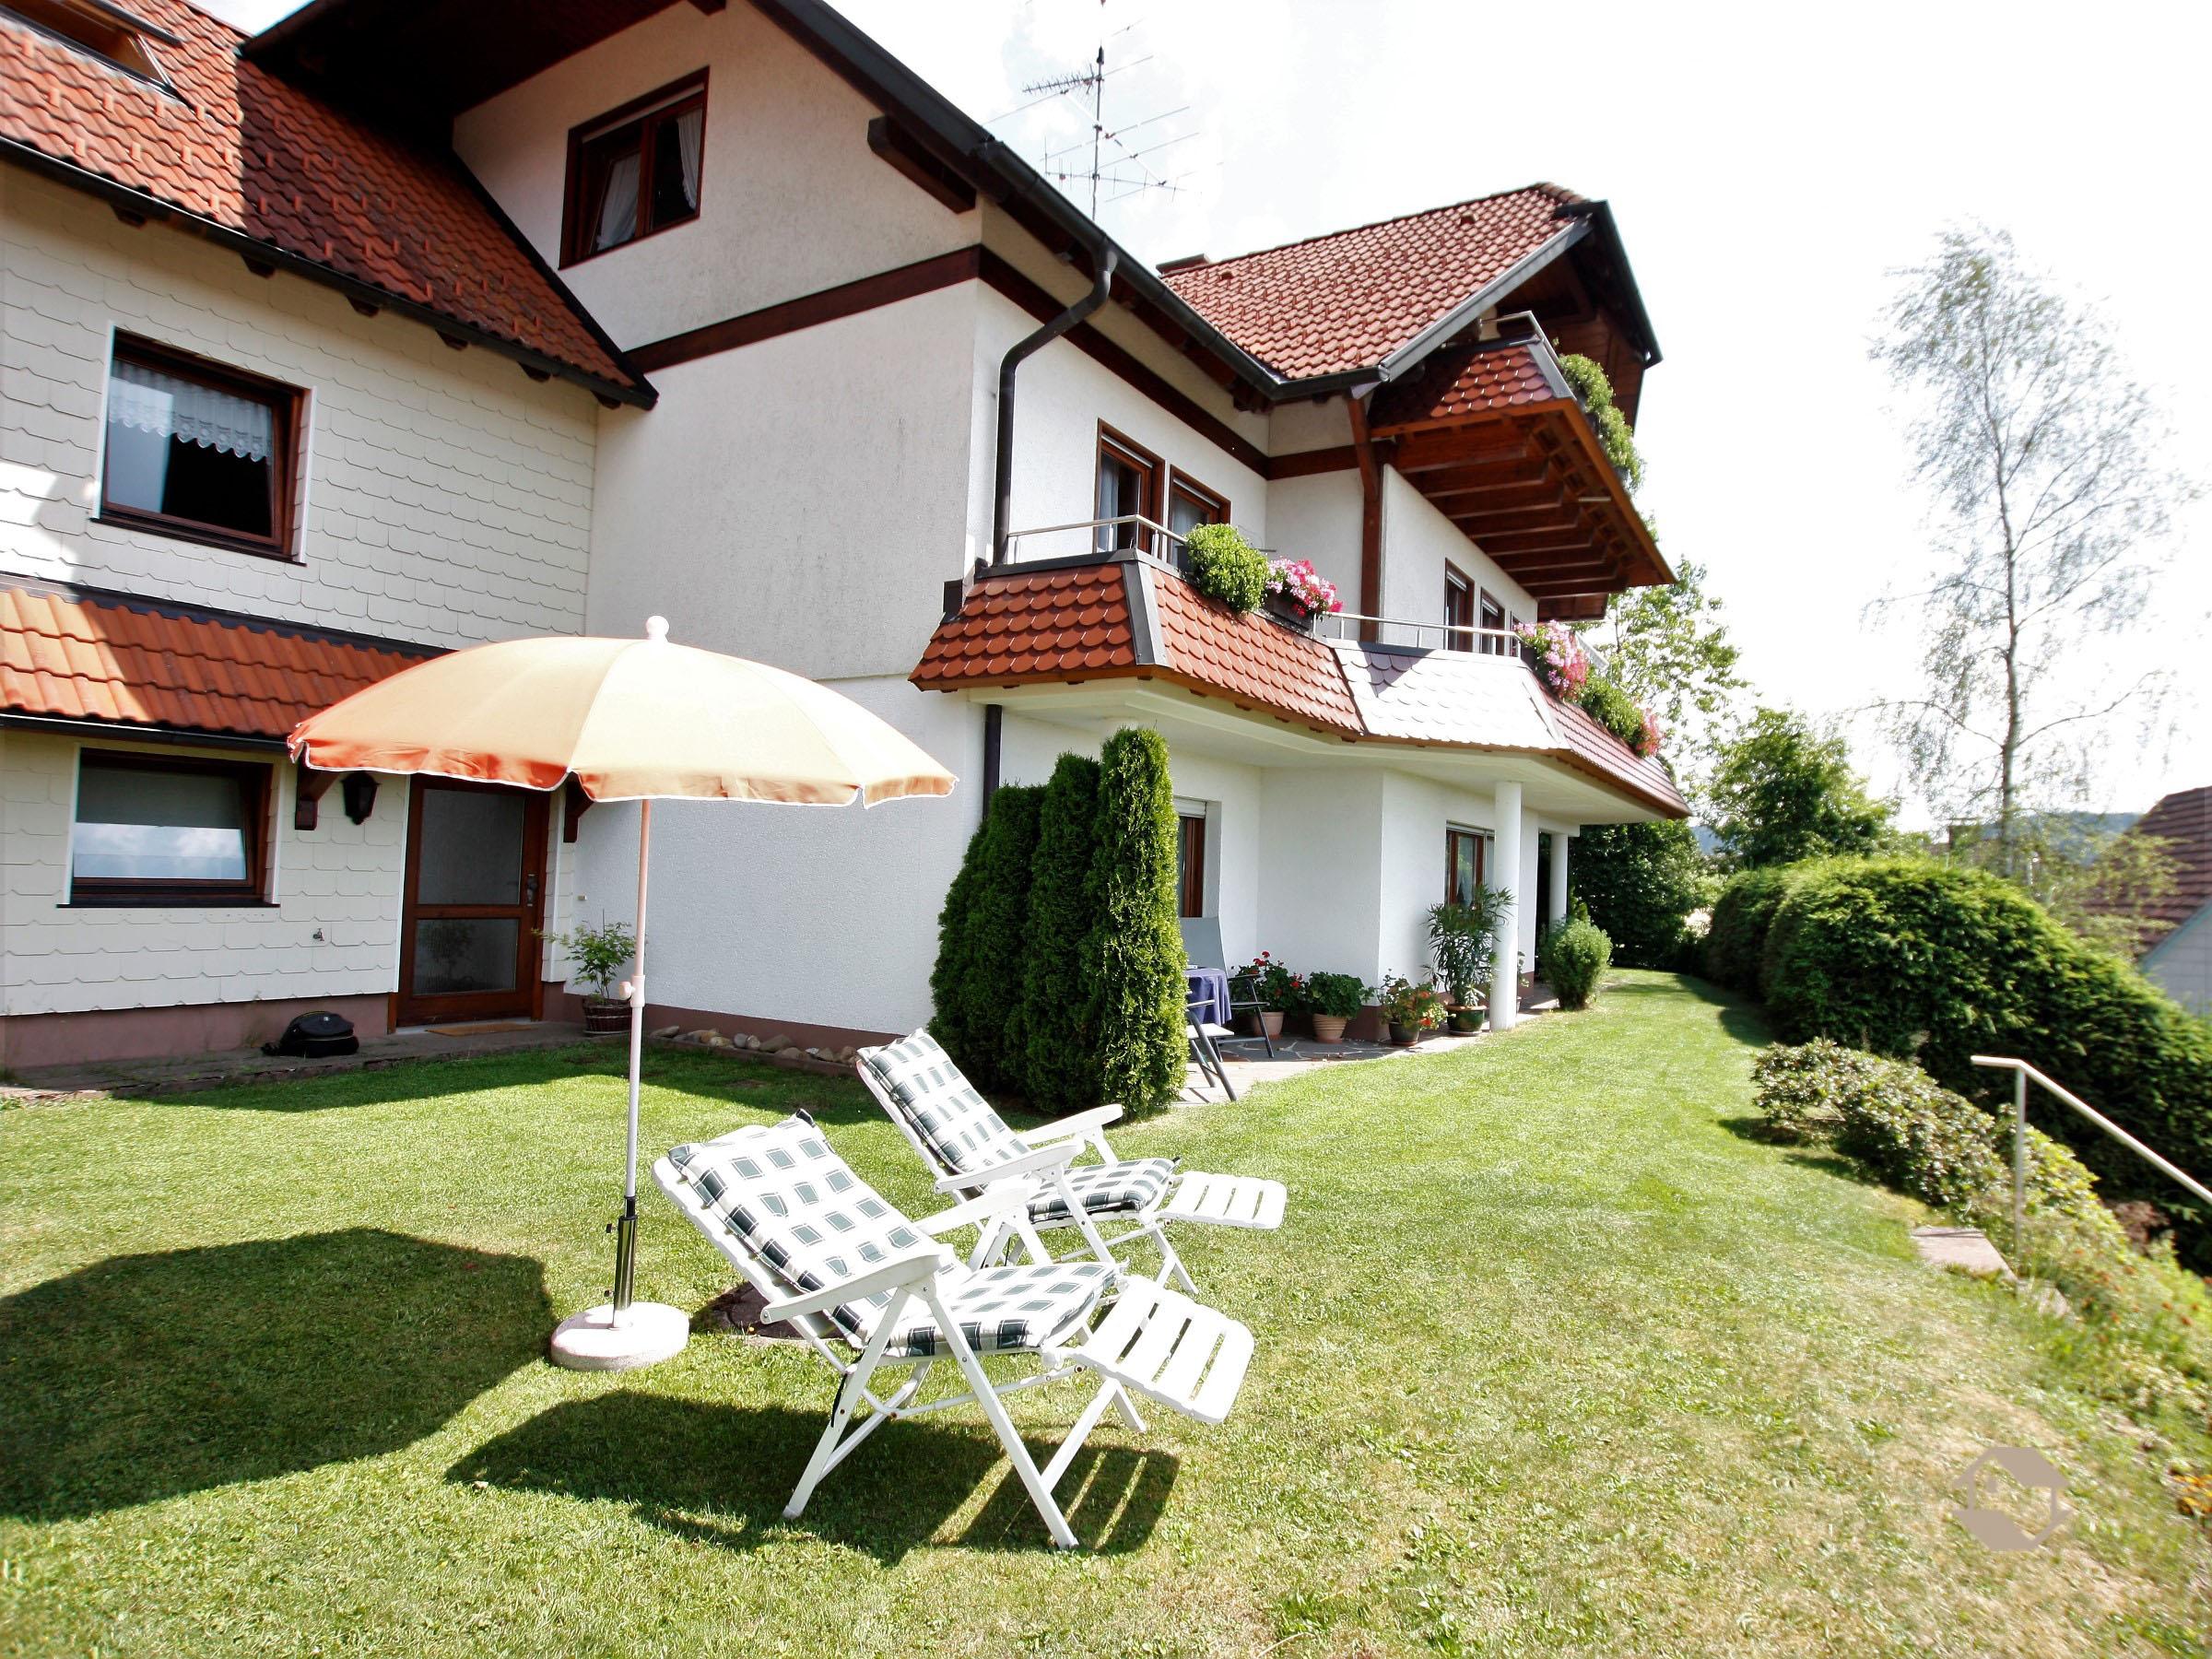 Ferienwohnung Haus Kandelblick, (Furtwangen). Ferienwohnung Kandelblick, 60qm, 1 Schlafraum, 1 Wohn-/Sch (2717402), Furtwangen, Schwarzwald, Baden-Württemberg, Deutschland, Bild 25